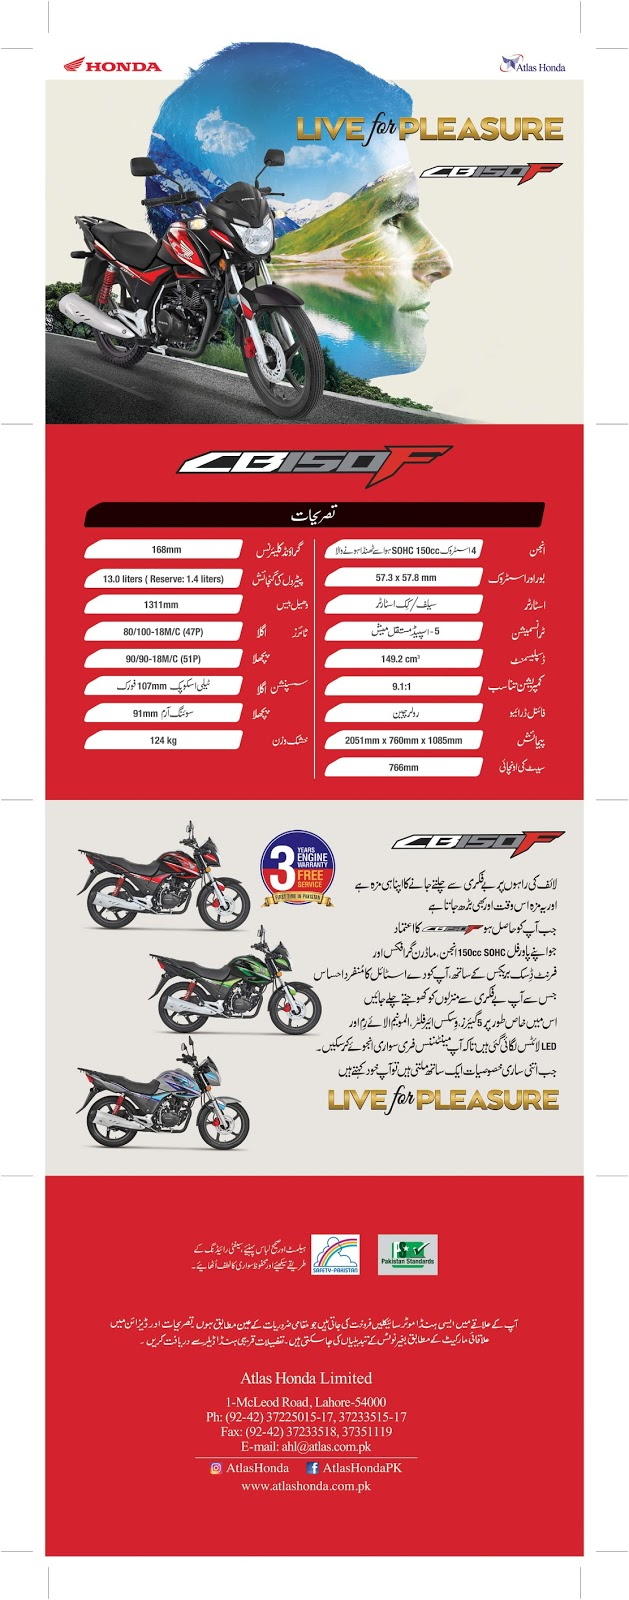 Atlas Honda CB 150F